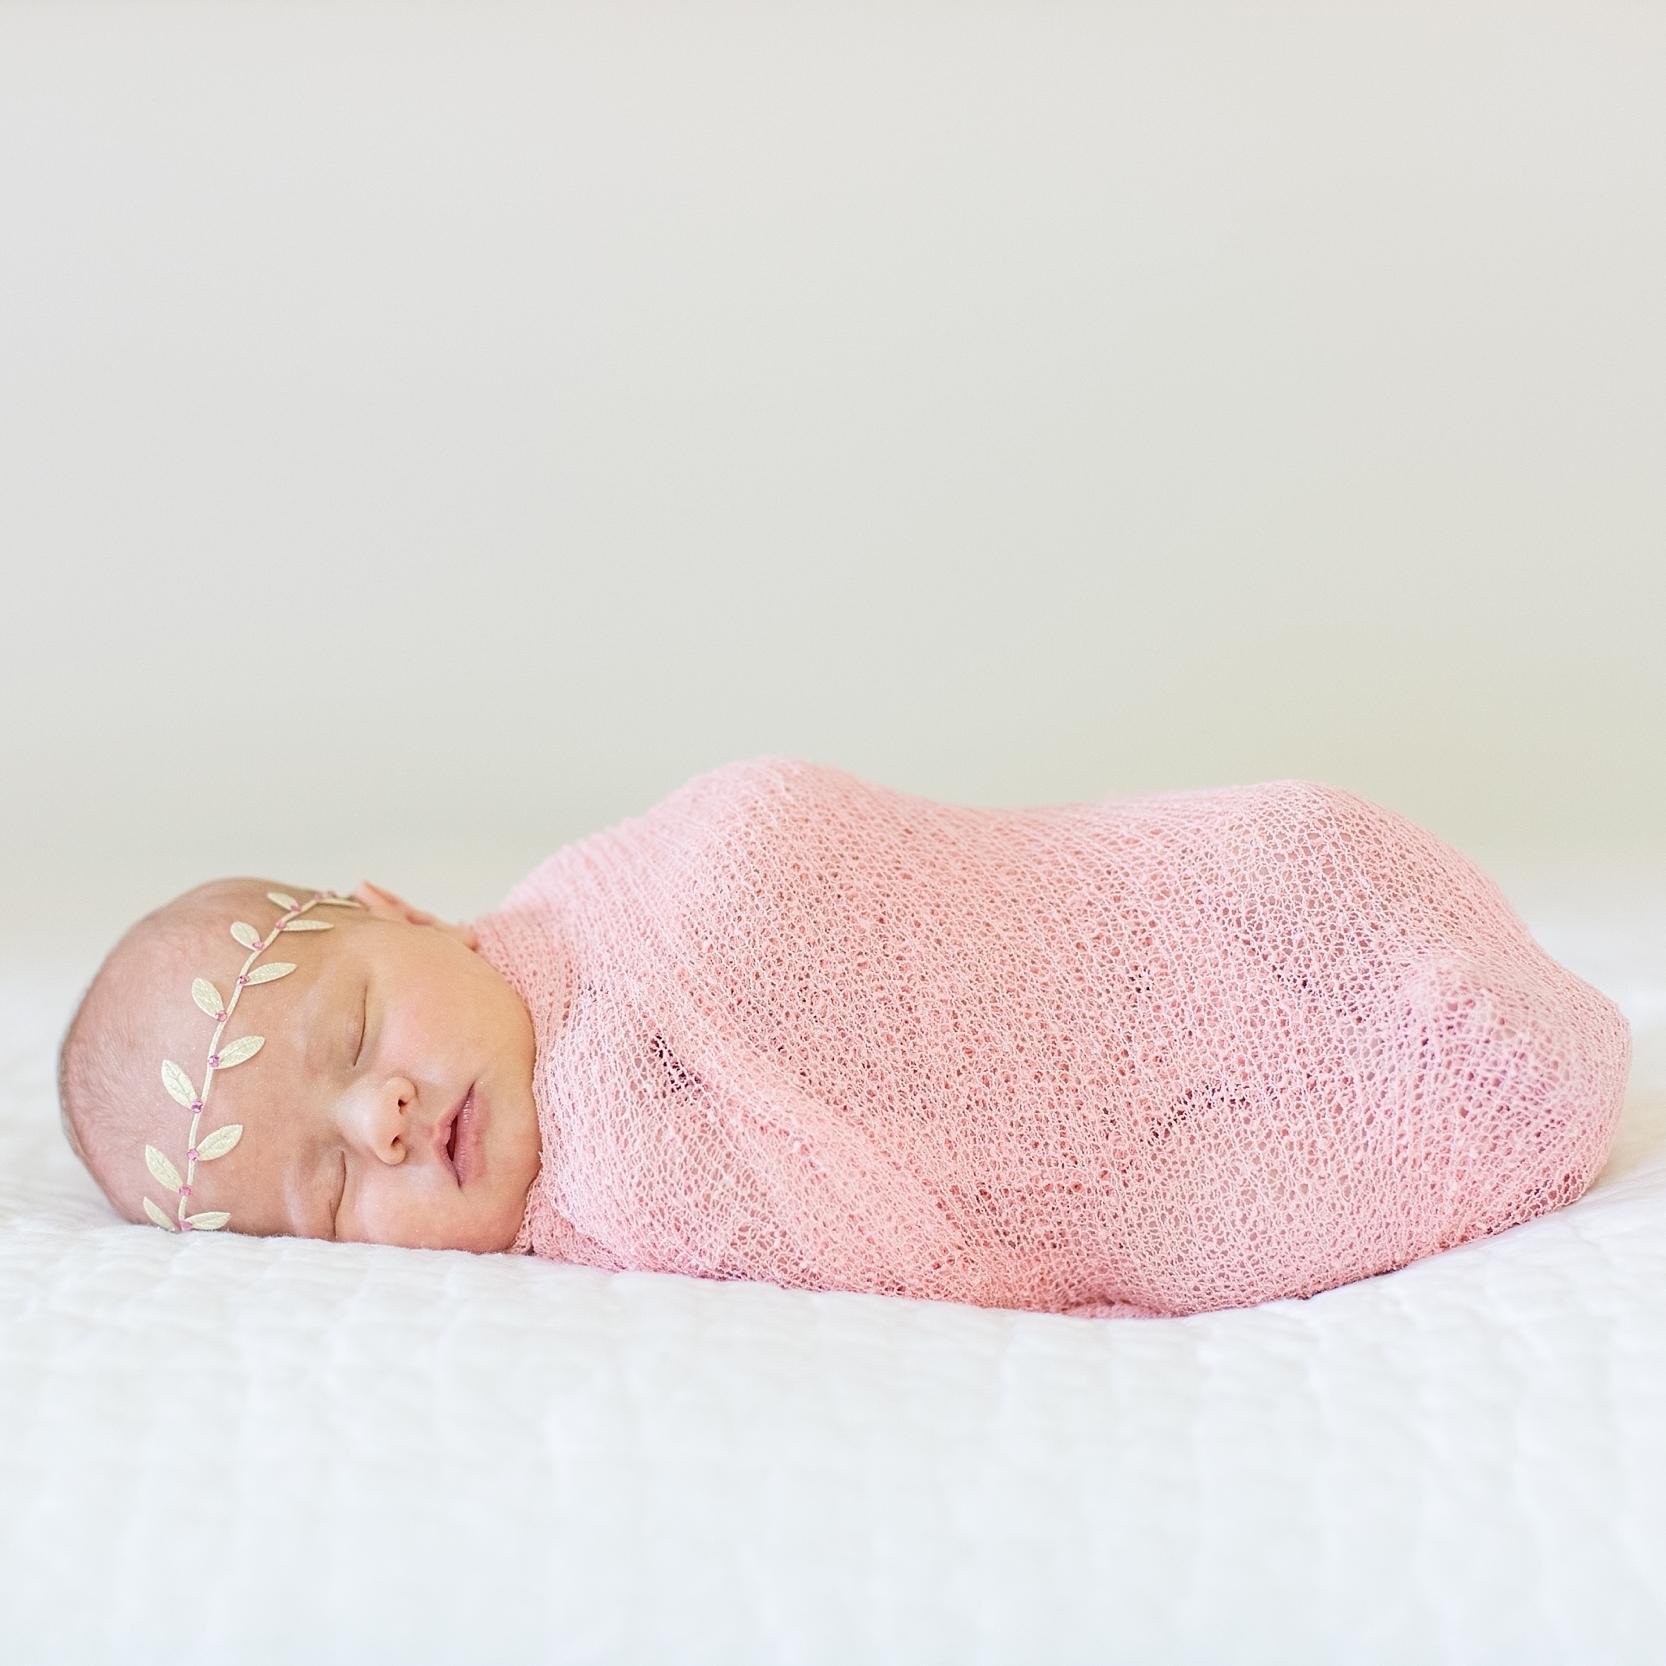 baby everly newborn